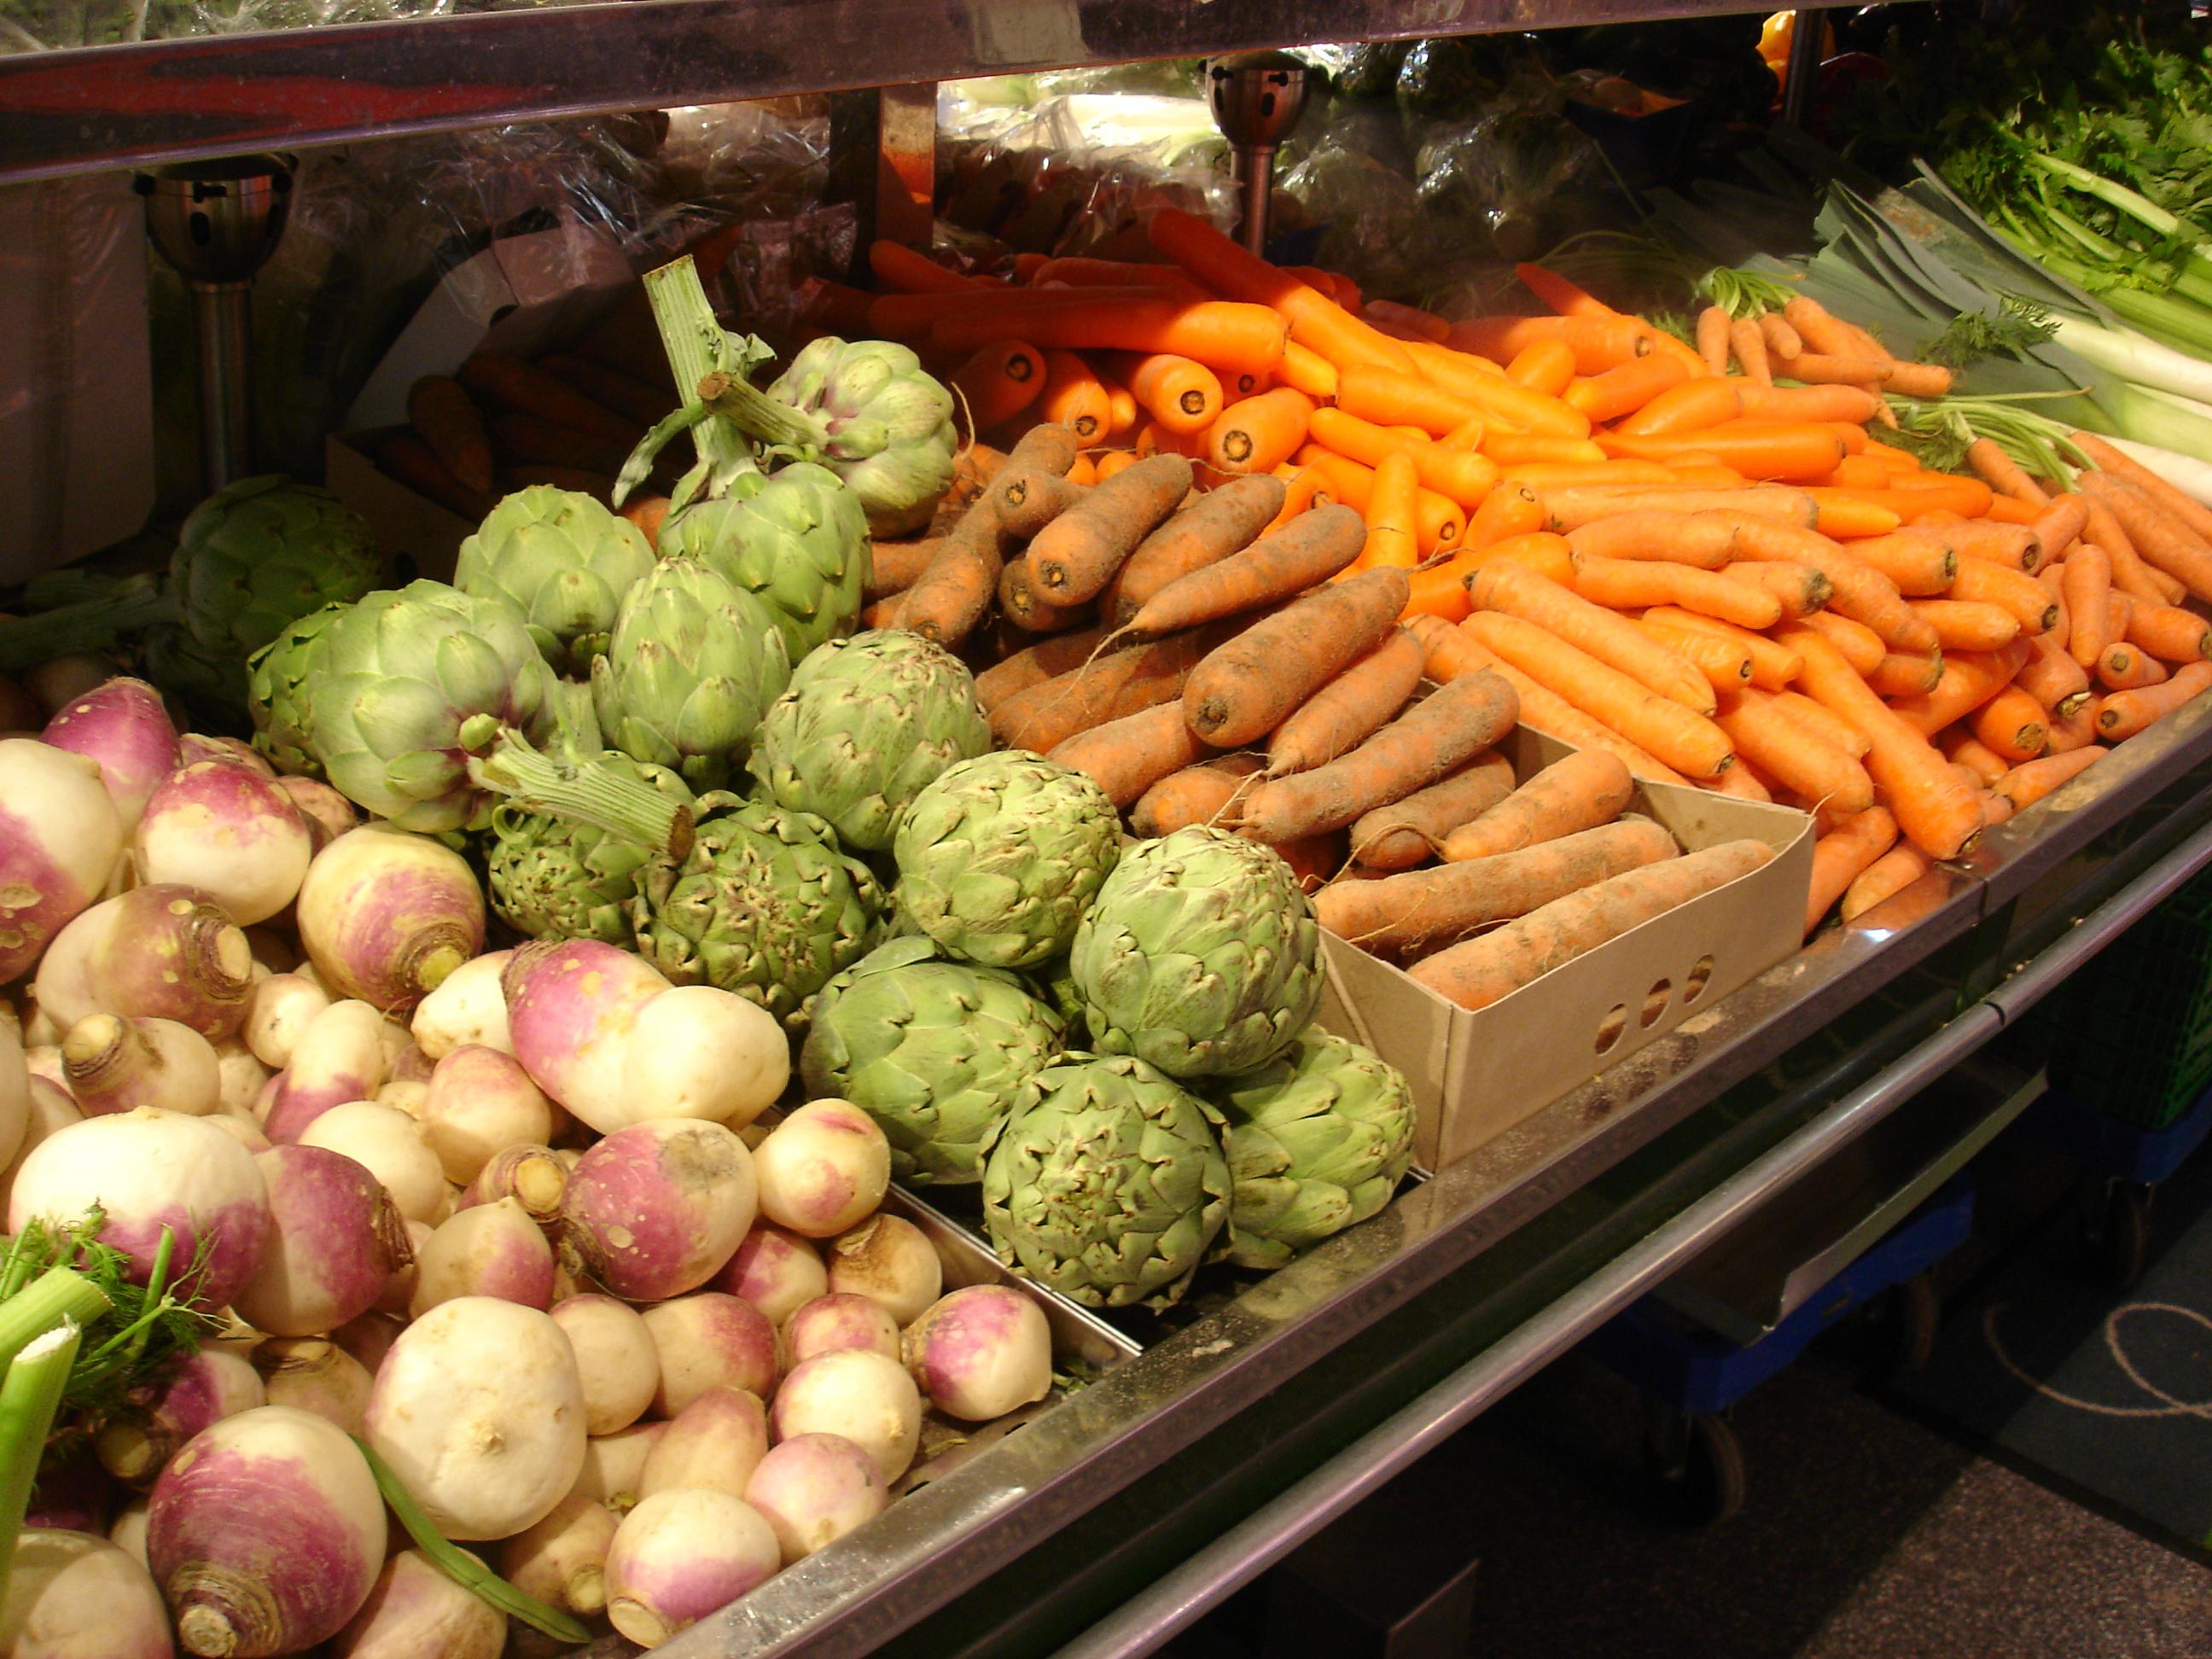 La recommandation qui met tout le monde d'accord : consommer une grande variété de fruits et surtout de légumes, en quantité ! - © J.-F. Coffin